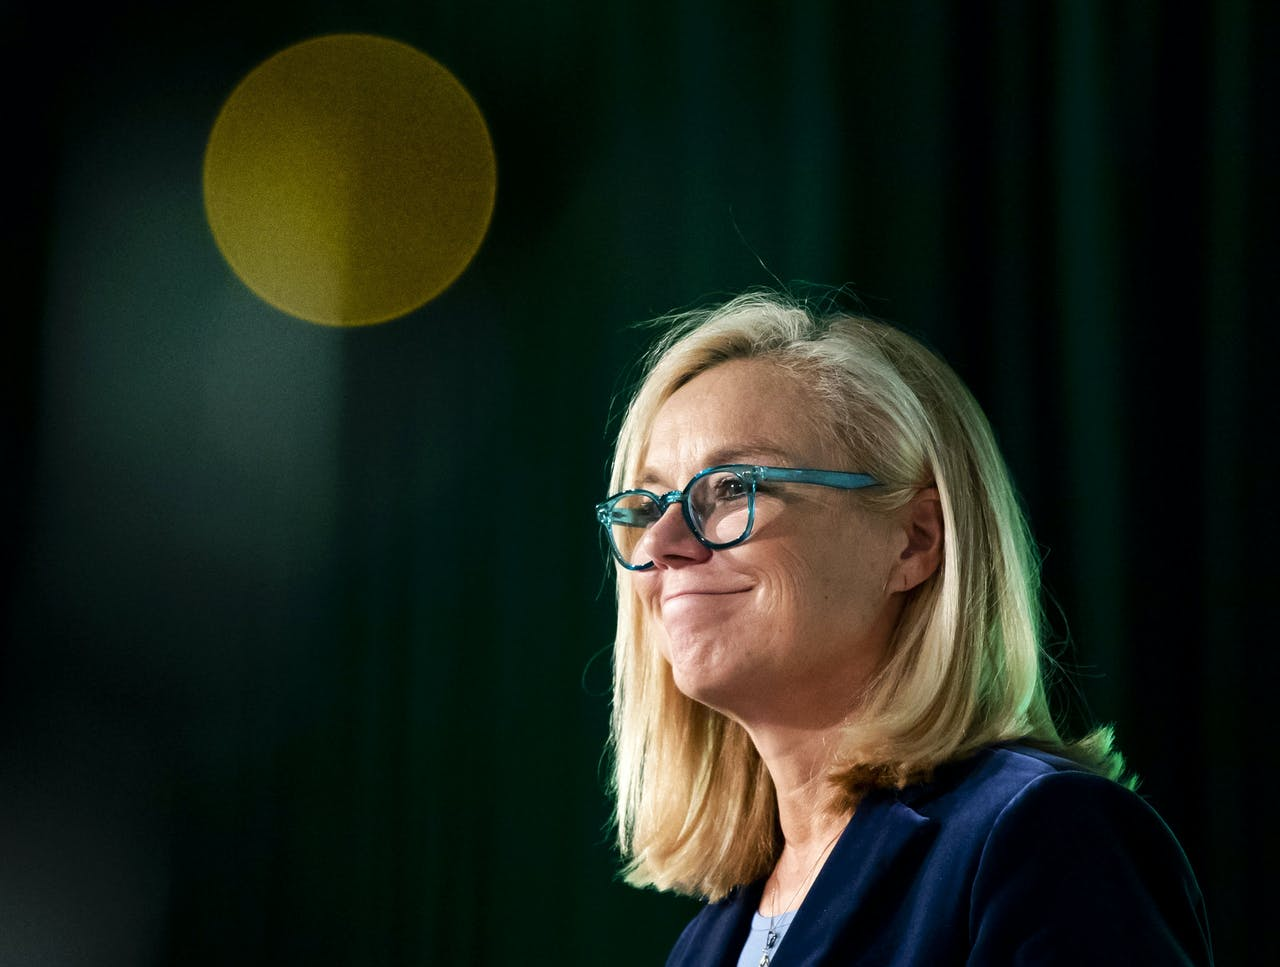 ARNHEM - Sigrid Kaag houdt haar eerste grote speech als nieuwe leider van D66. Kaag werd met een overweldigende meerderheid gekozen tot de nieuwe politiek leider.